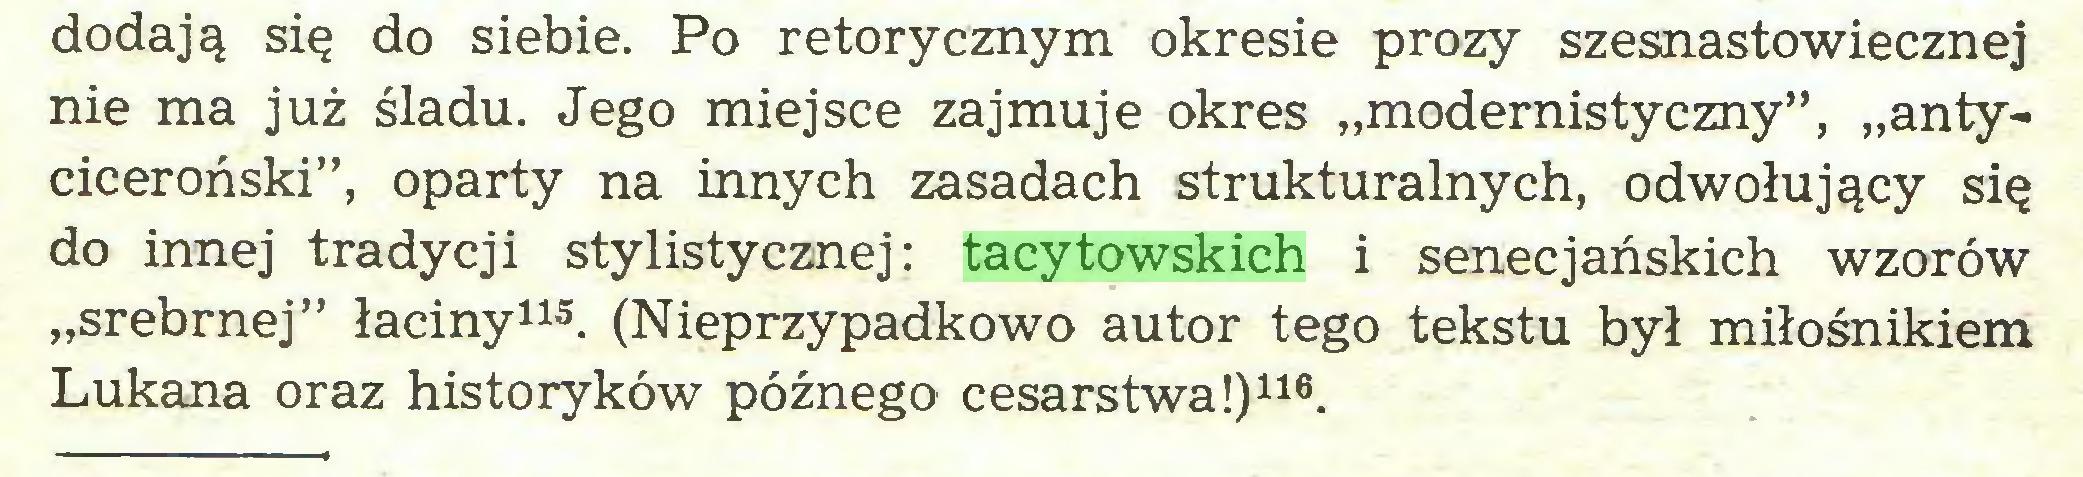 """(...) dodają się do siebie. Po retorycznym okresie prozy szesnastowiecznej nie ma już śladu. Jego miejsce zajmuje okres """"modernistyczny"""", """"antyciceroński"""", oparty na innych zasadach strukturalnych, odwołujący się do innej tradycji stylistycznej: tacytowskich i senecjańskich wzorów """"srebrnej"""" łaciny115. (Nieprzypadkowo autor tego tekstu był miłośnikiem Lukana oraz historyków późnego cesarstwa!)116..."""